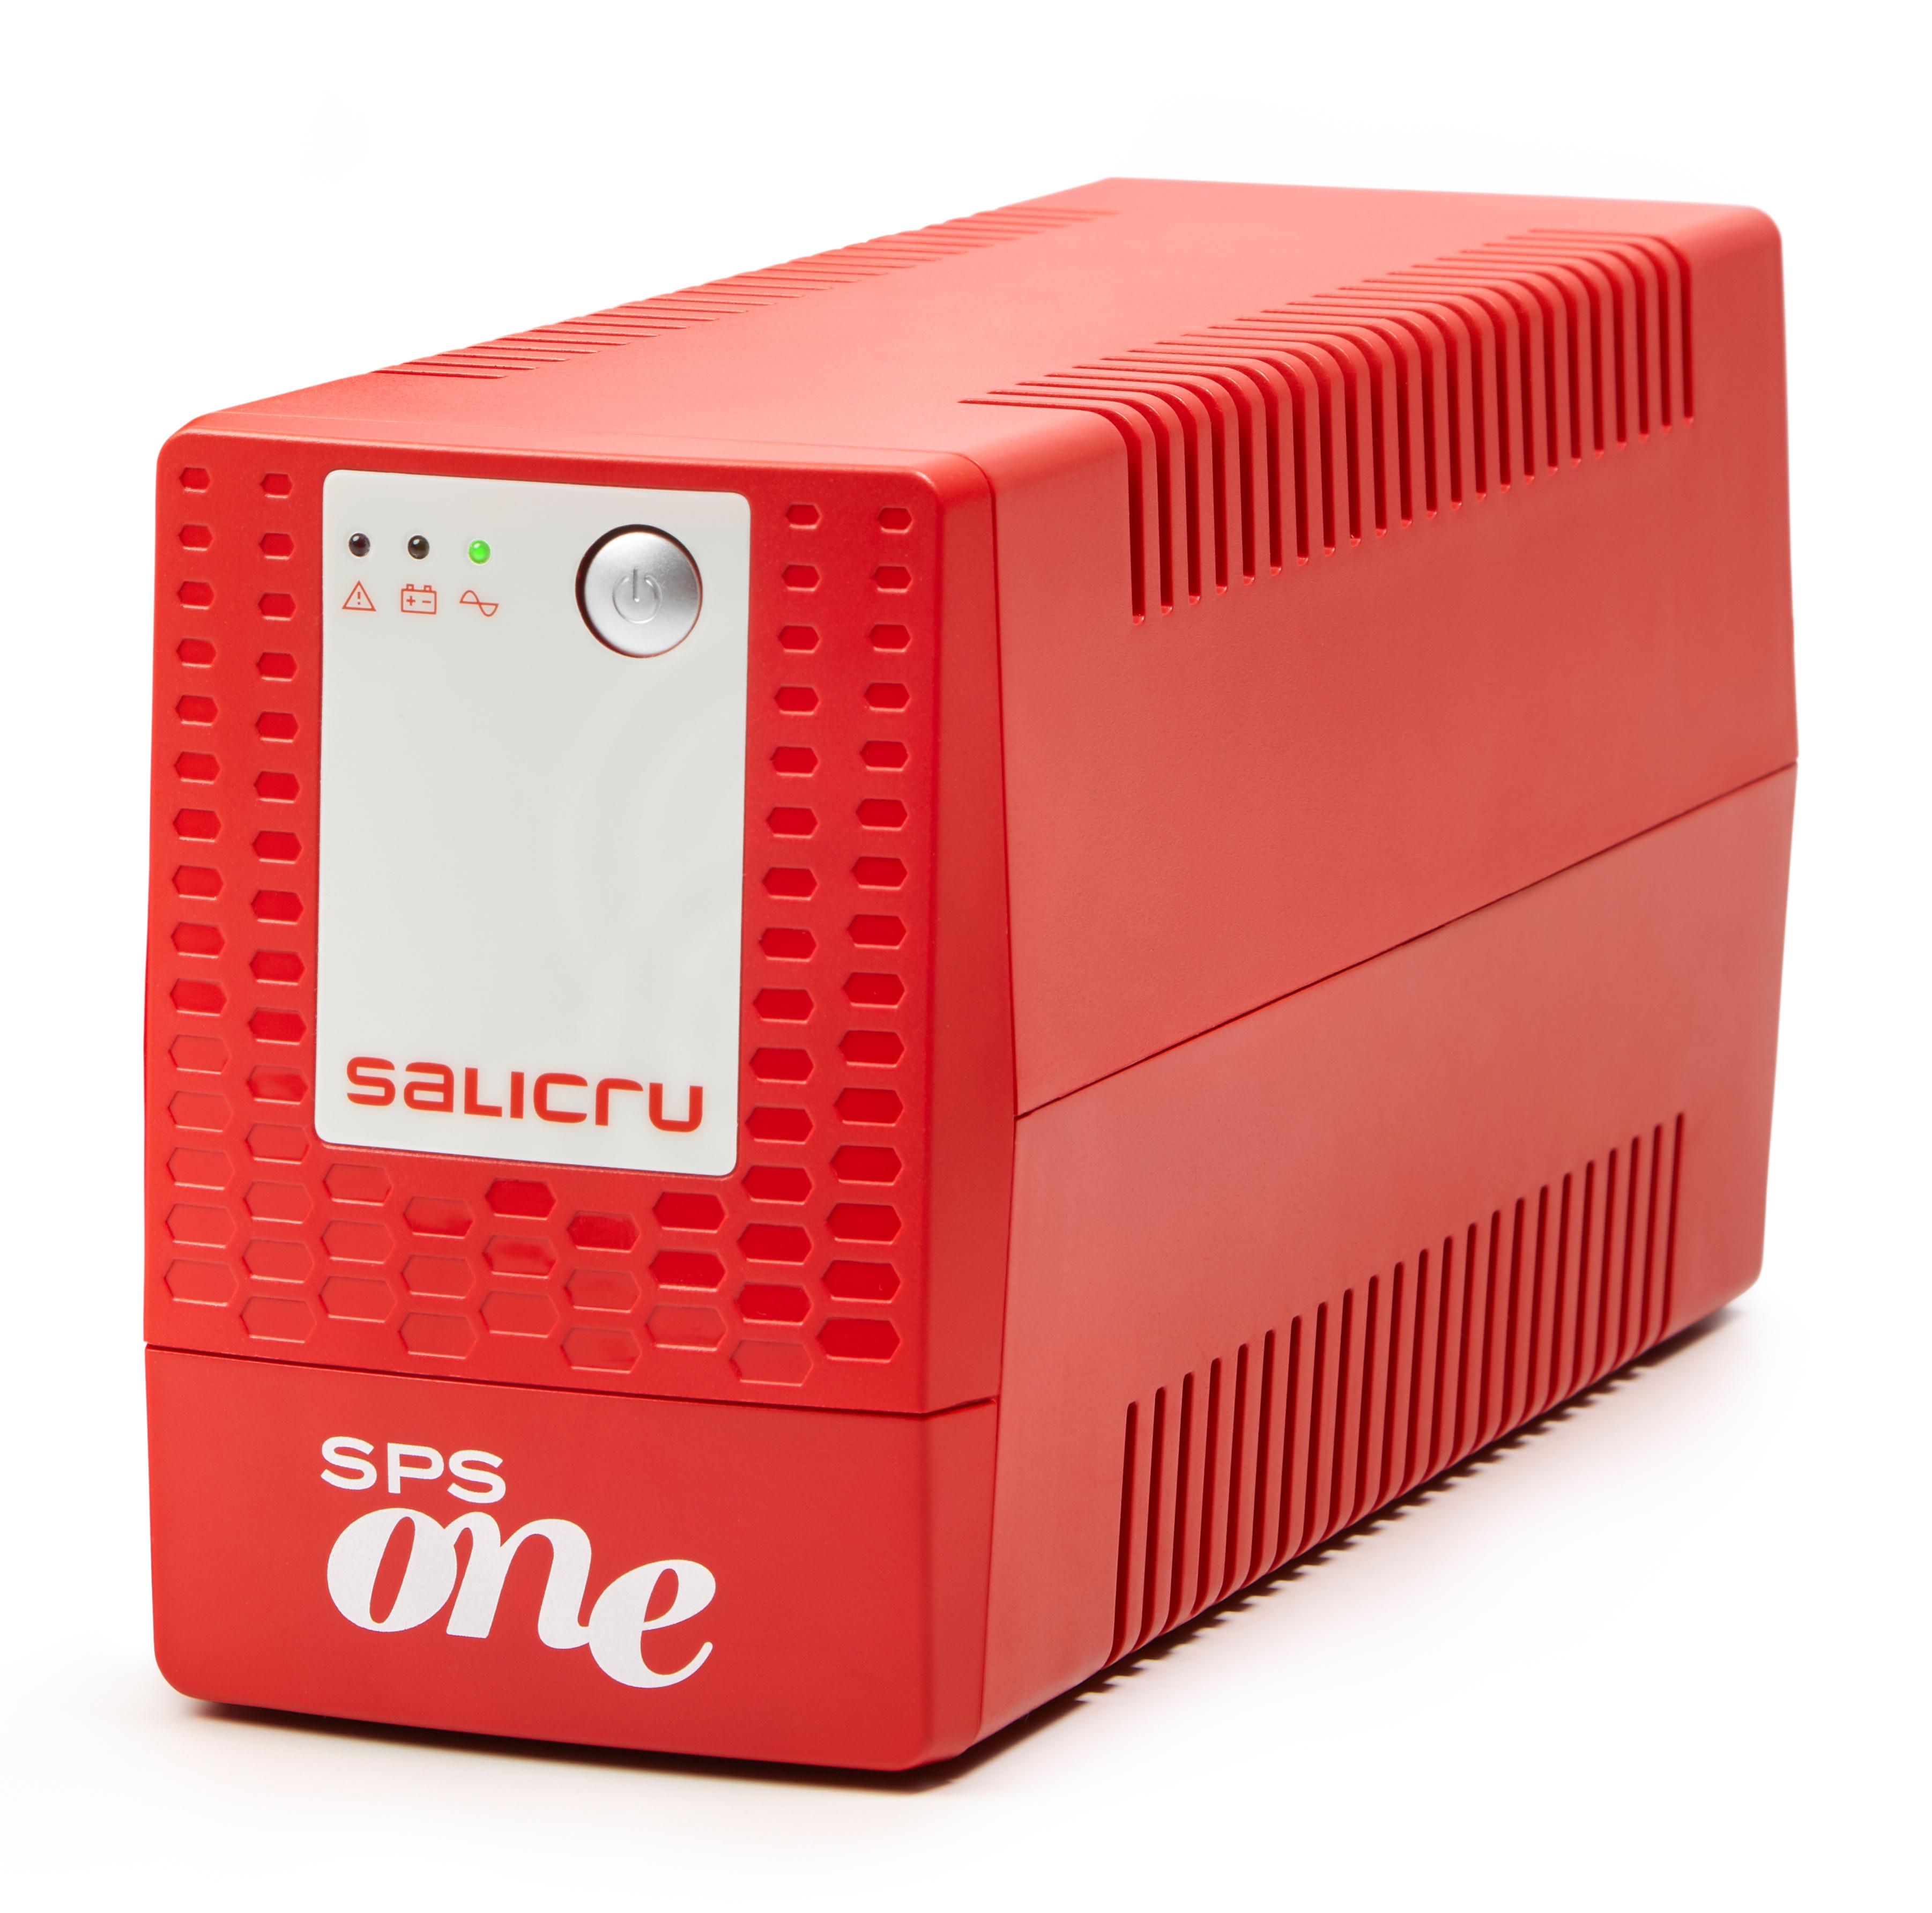 Vorschau: SALICRU USV SPS 900 ONE IEC, Line Int, 2 Plugs, 900VA/480W - (Offline-) USV - (Offline-) USV